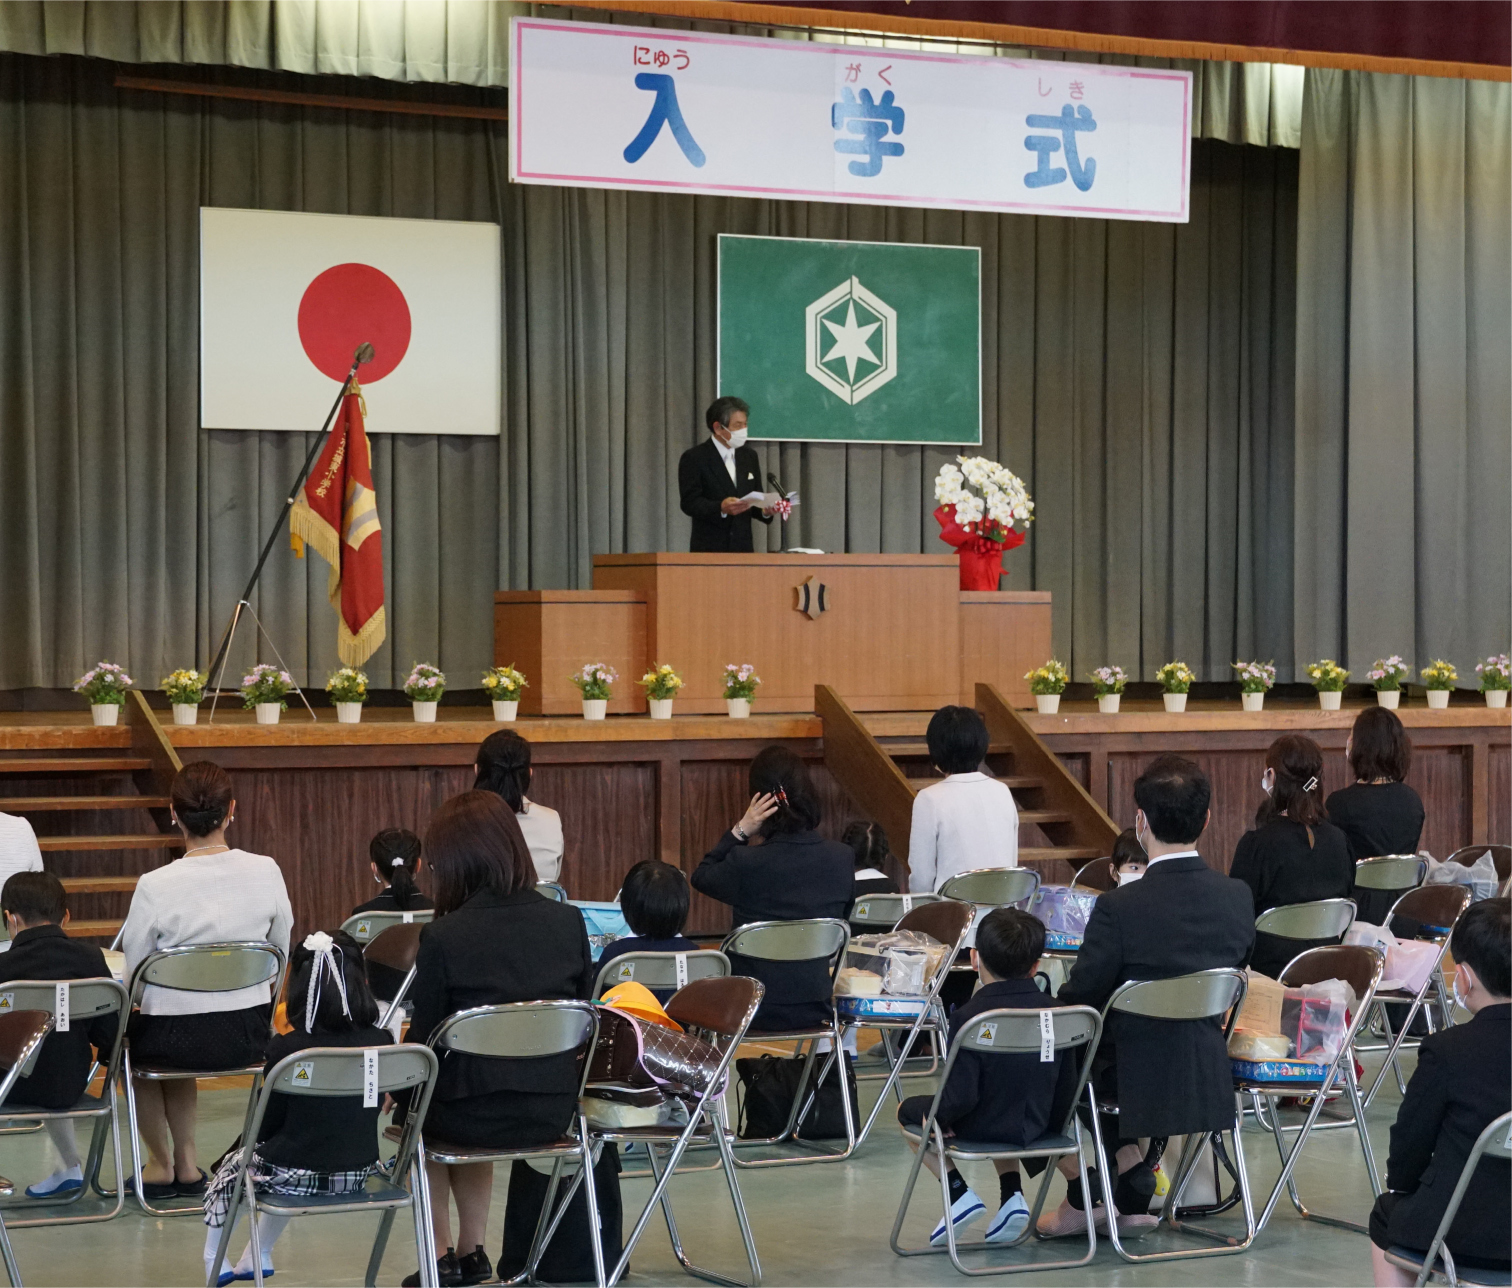 写真・図版 : 新型コロナの影響で、入学式が大幅に遅れた小学校も珍しくなかった=2020年5月23日、滋賀県彦根市の小学校